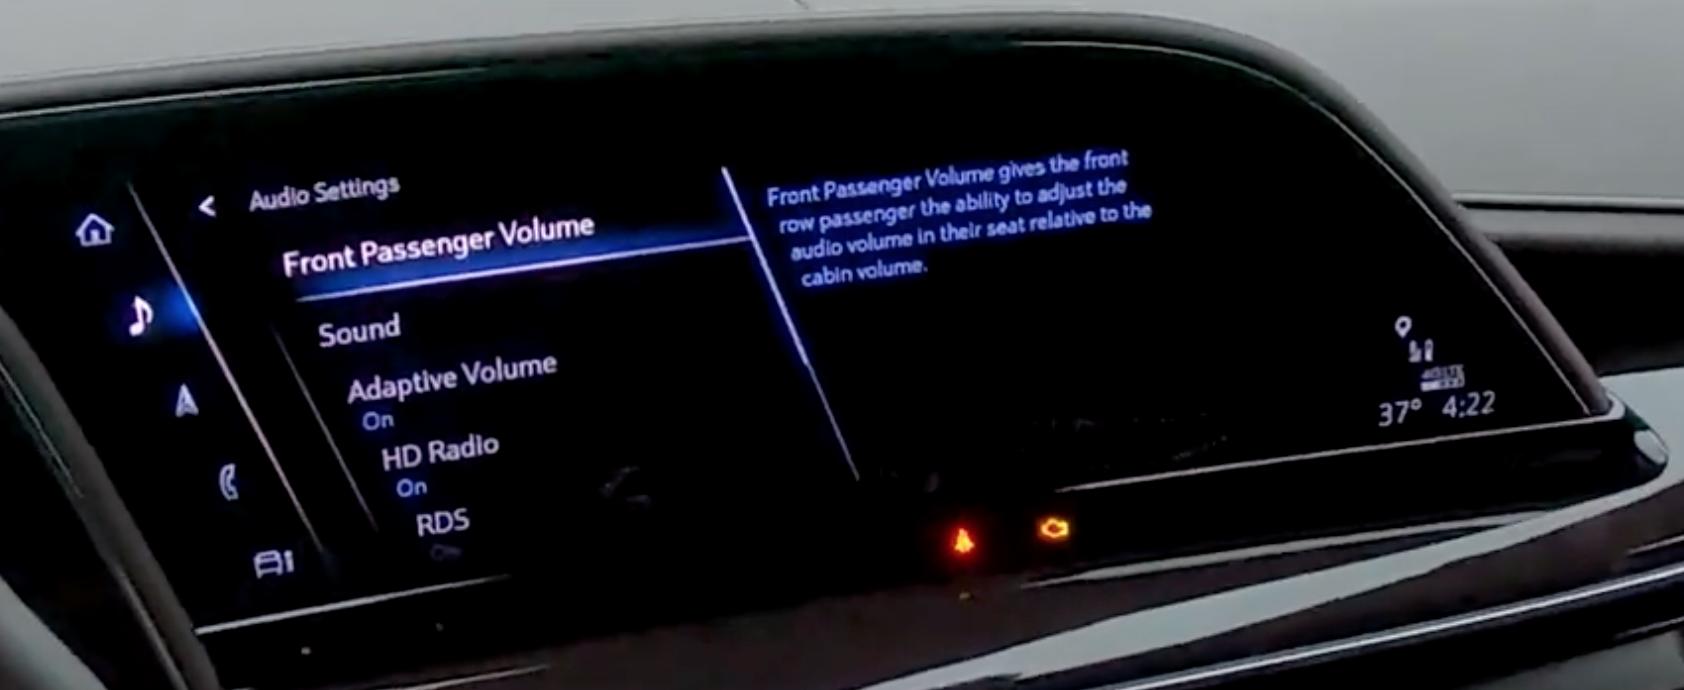 Front passenger volume settings for media sounds